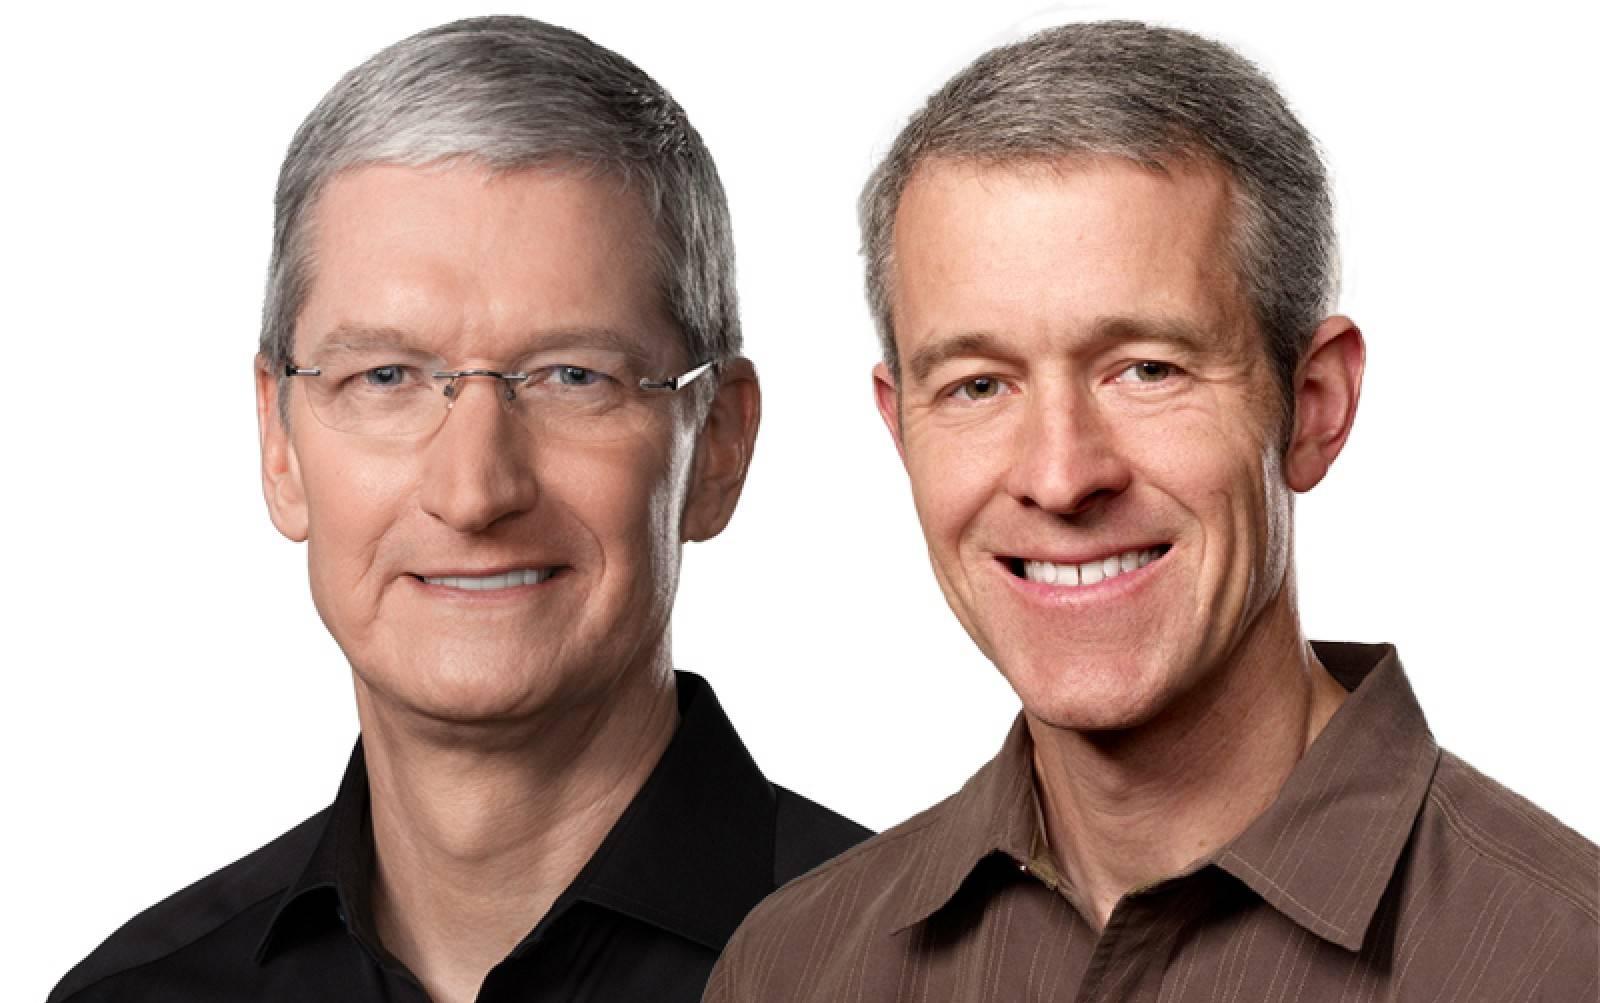 Acesta va fi INLOCUITORUL lui Tim Cook la Compania Apple